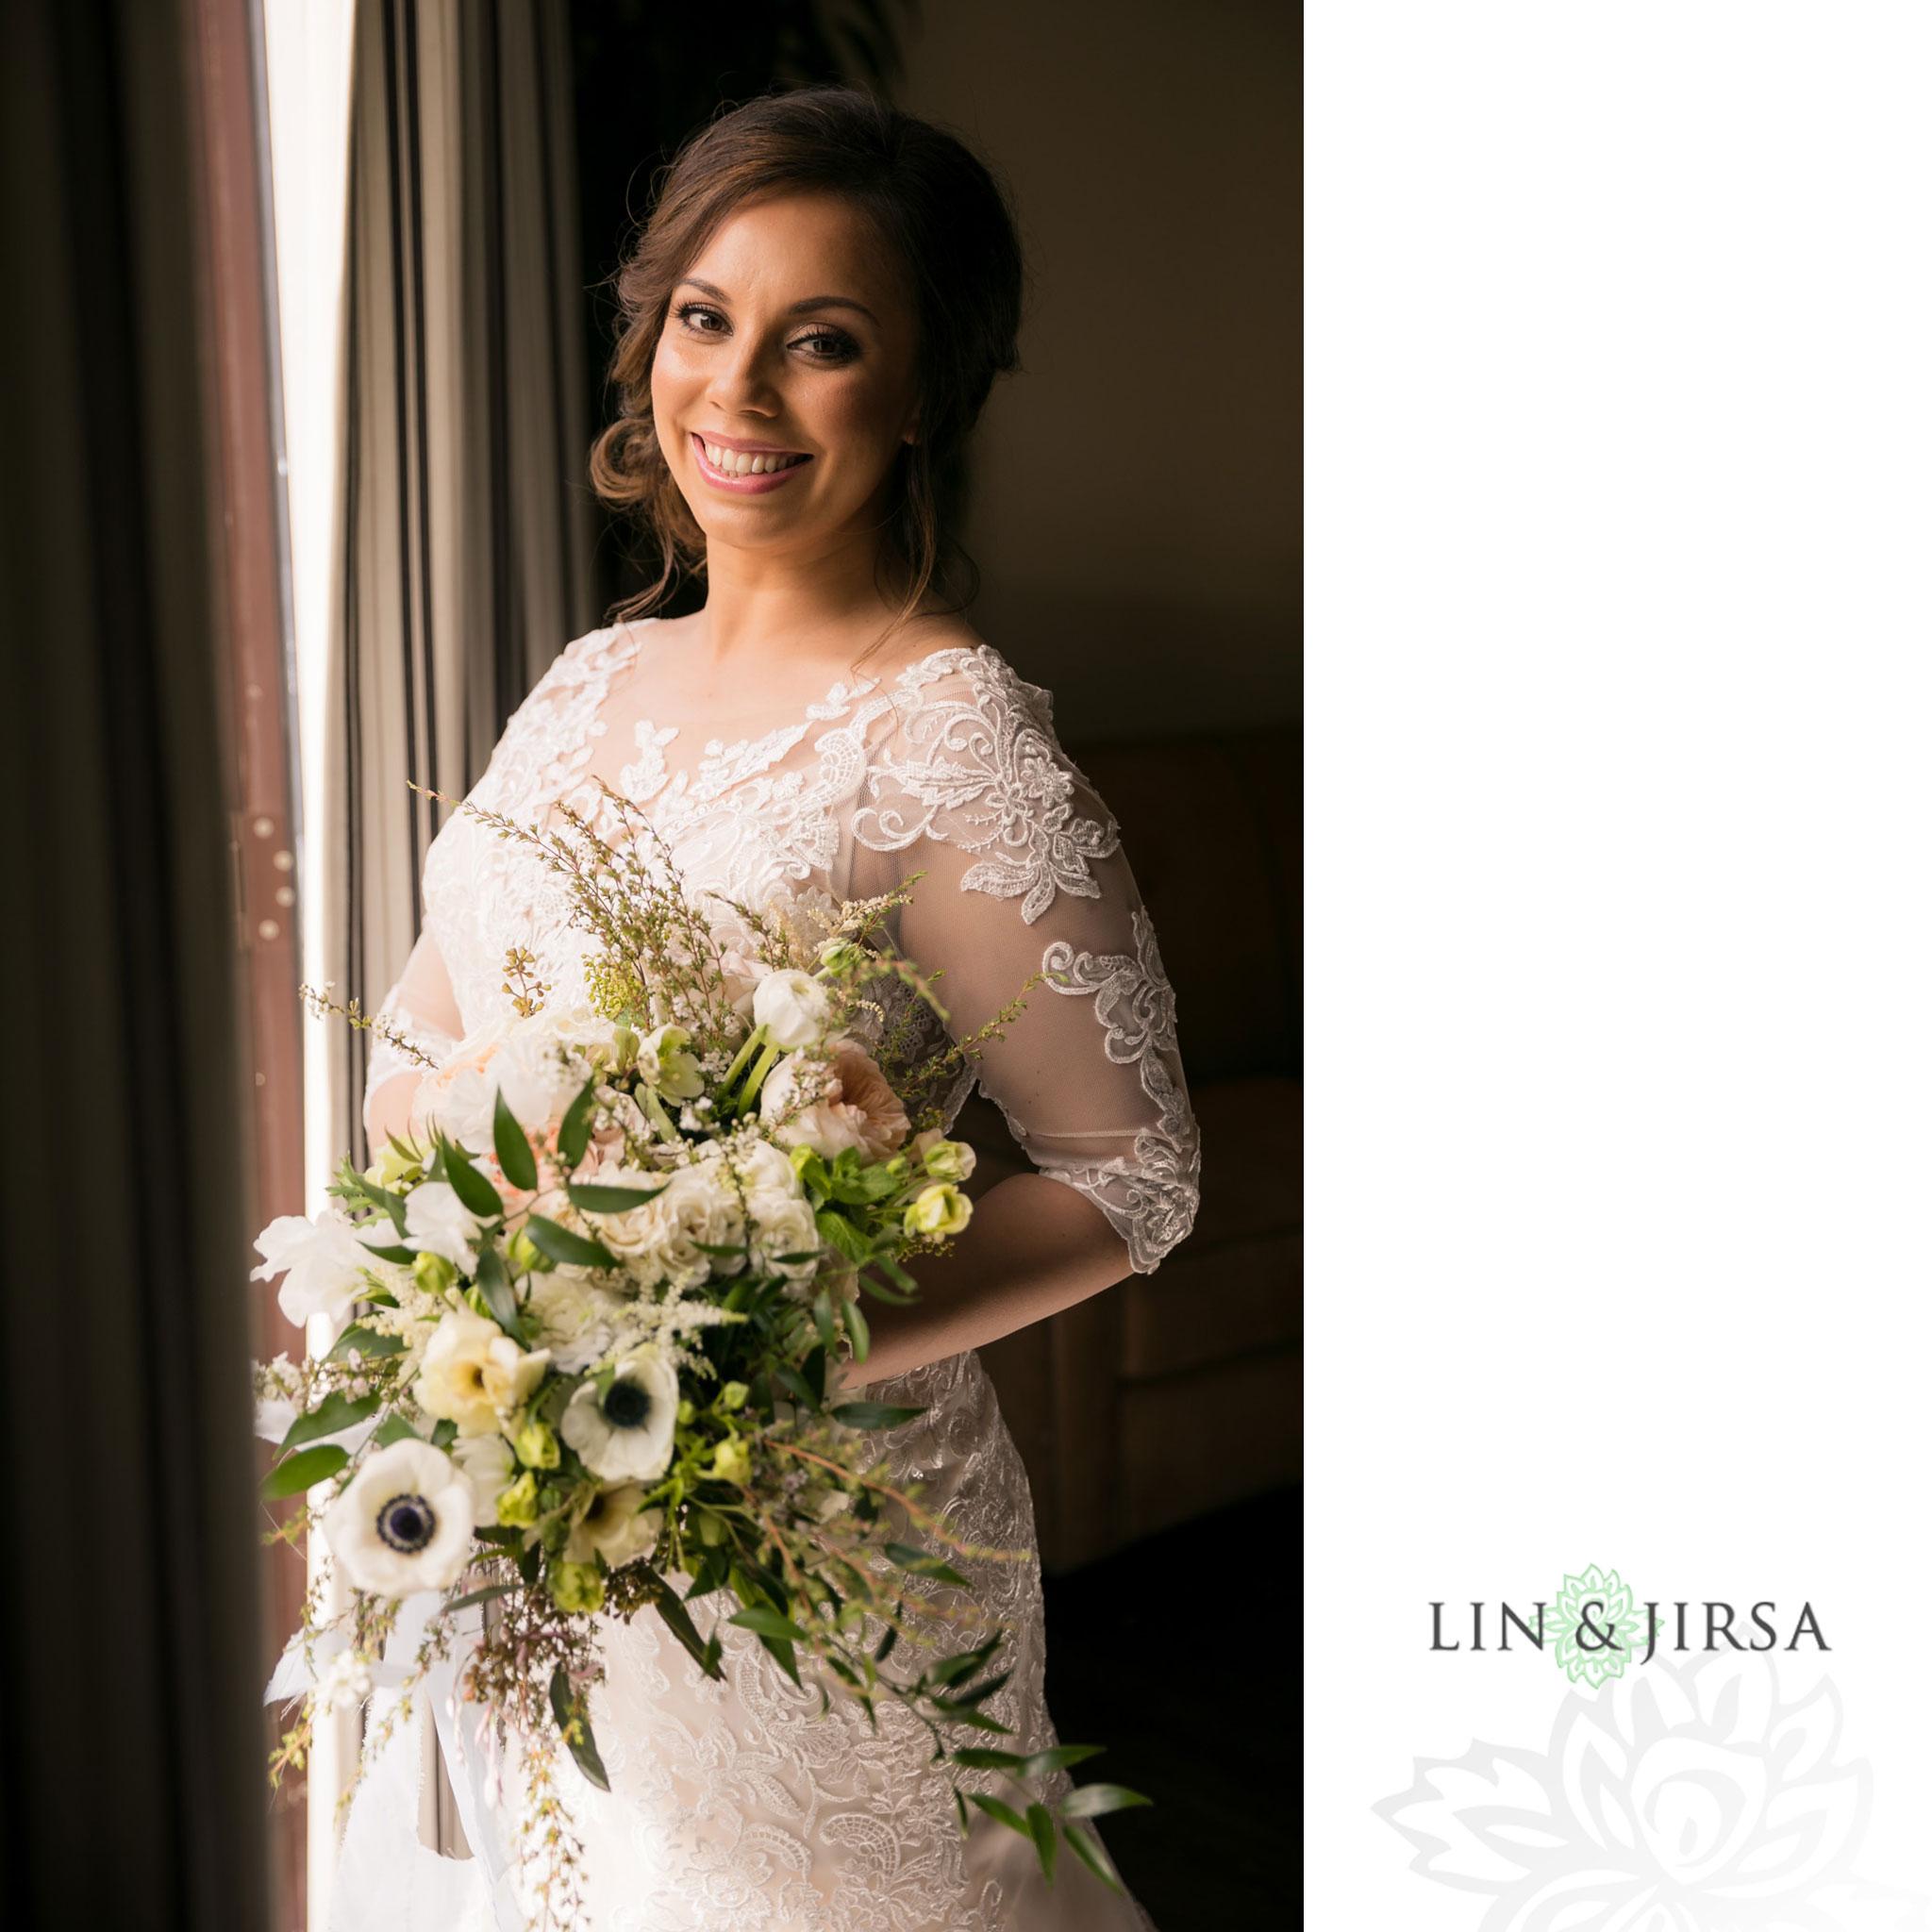 03 estancia la jolla hotel and spa bride wedding photography